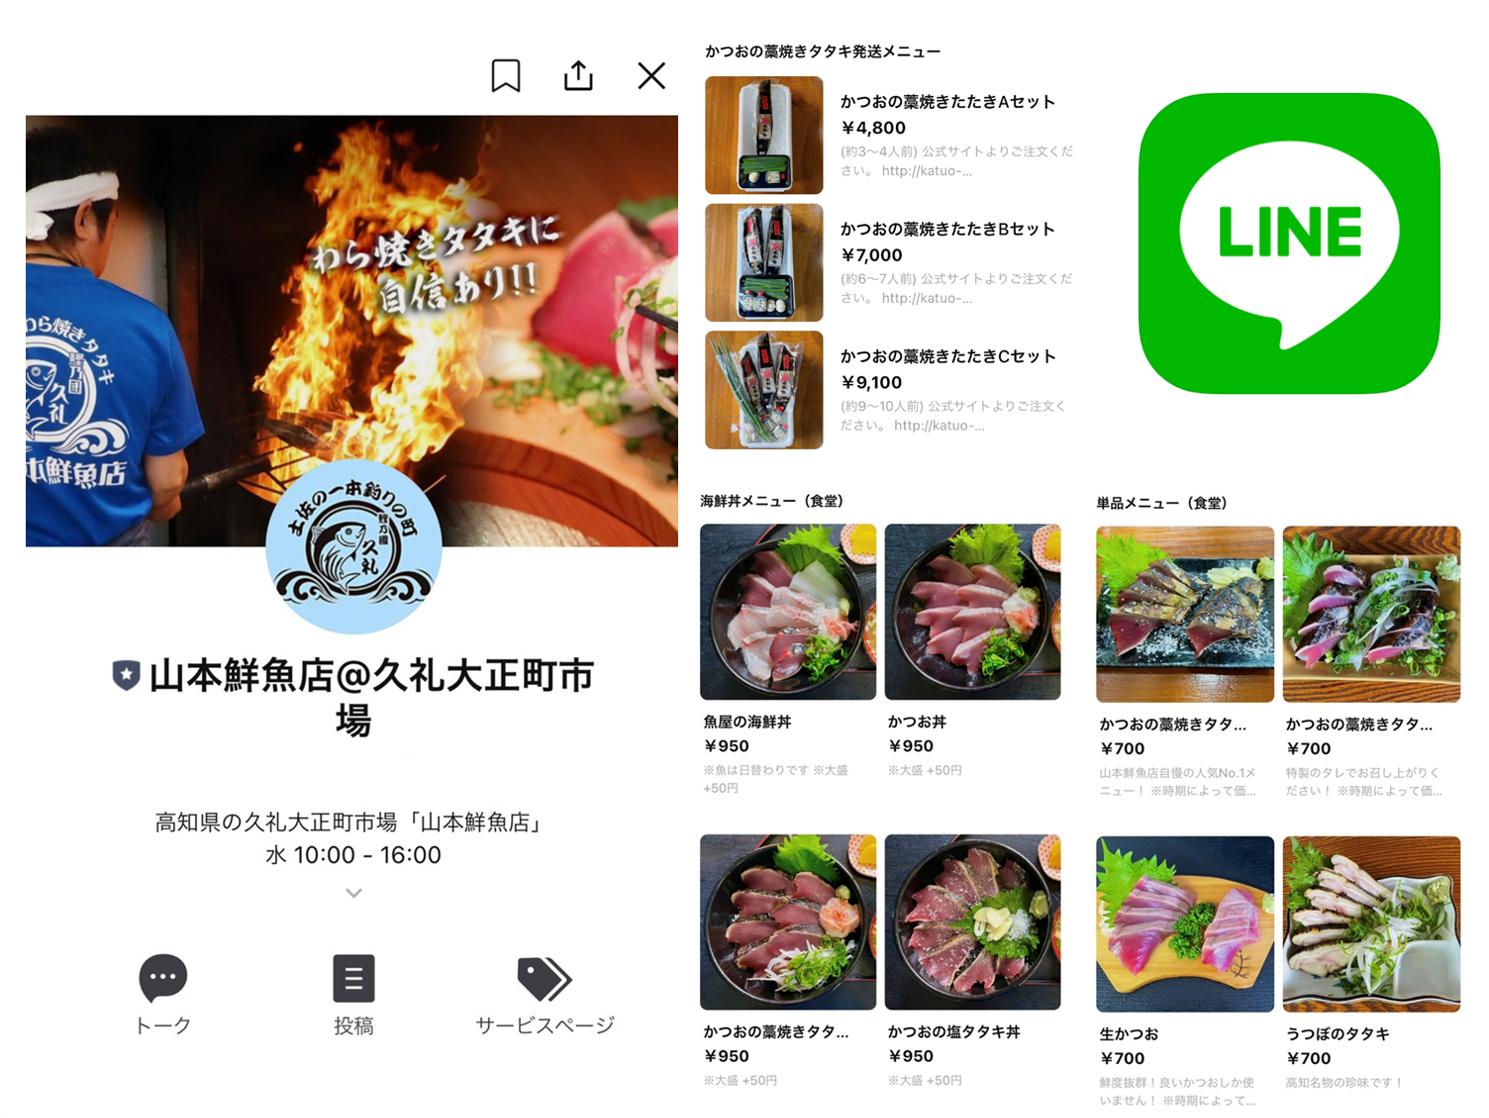 山本鮮魚店 LINE公式アカウント